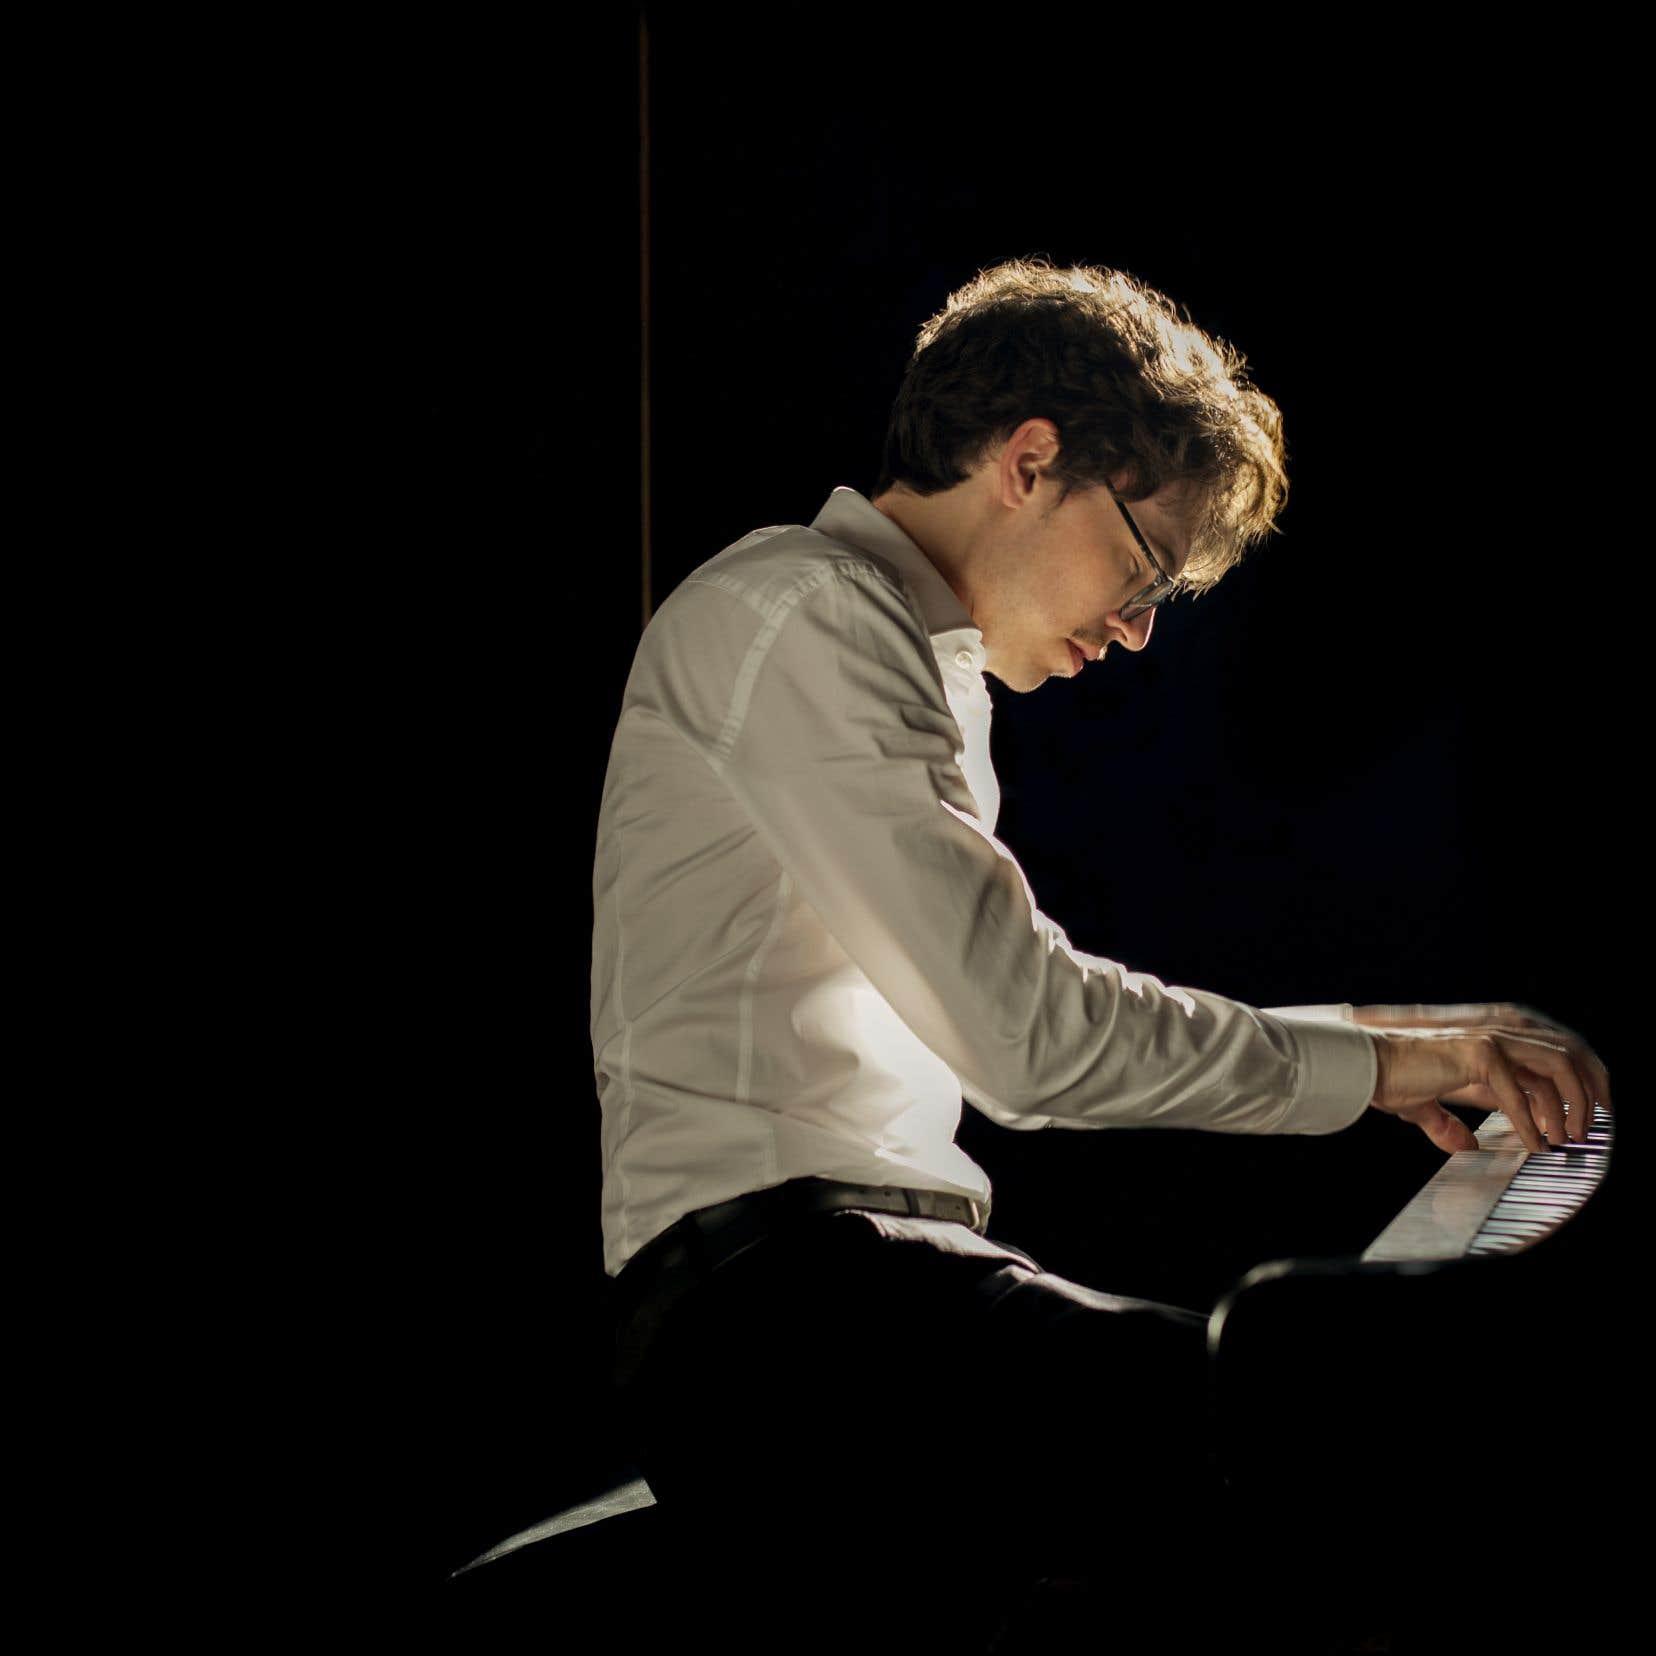 Pianiste de formation atypique, qui avait arrêté le piano entre 16 et 19ans, Lucas Debargue est avant tout un interprète et un penseur de la musique.